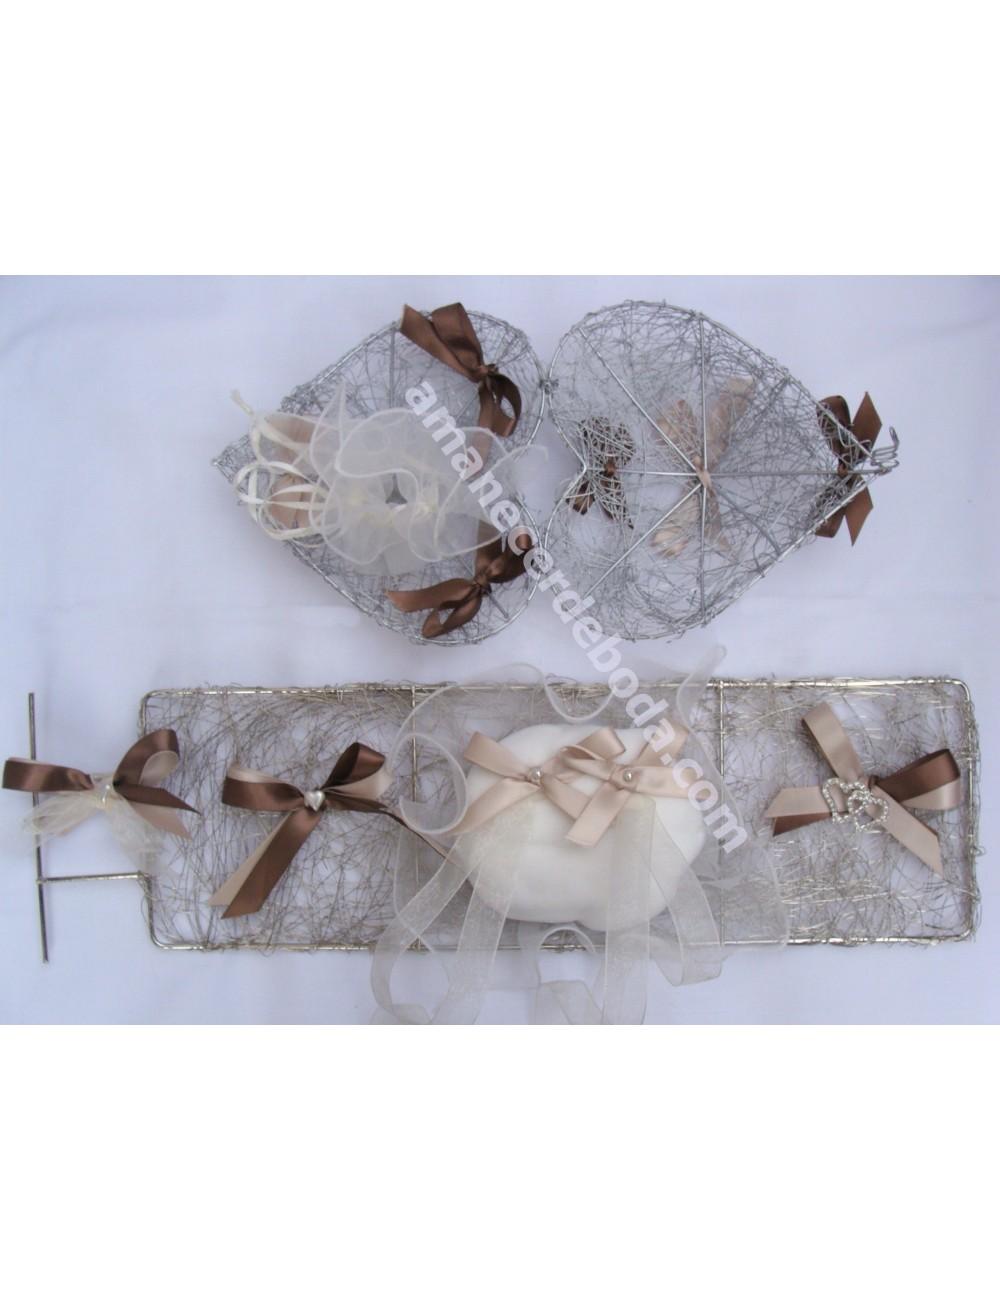 Cesta de arras-Cojín anillos boda